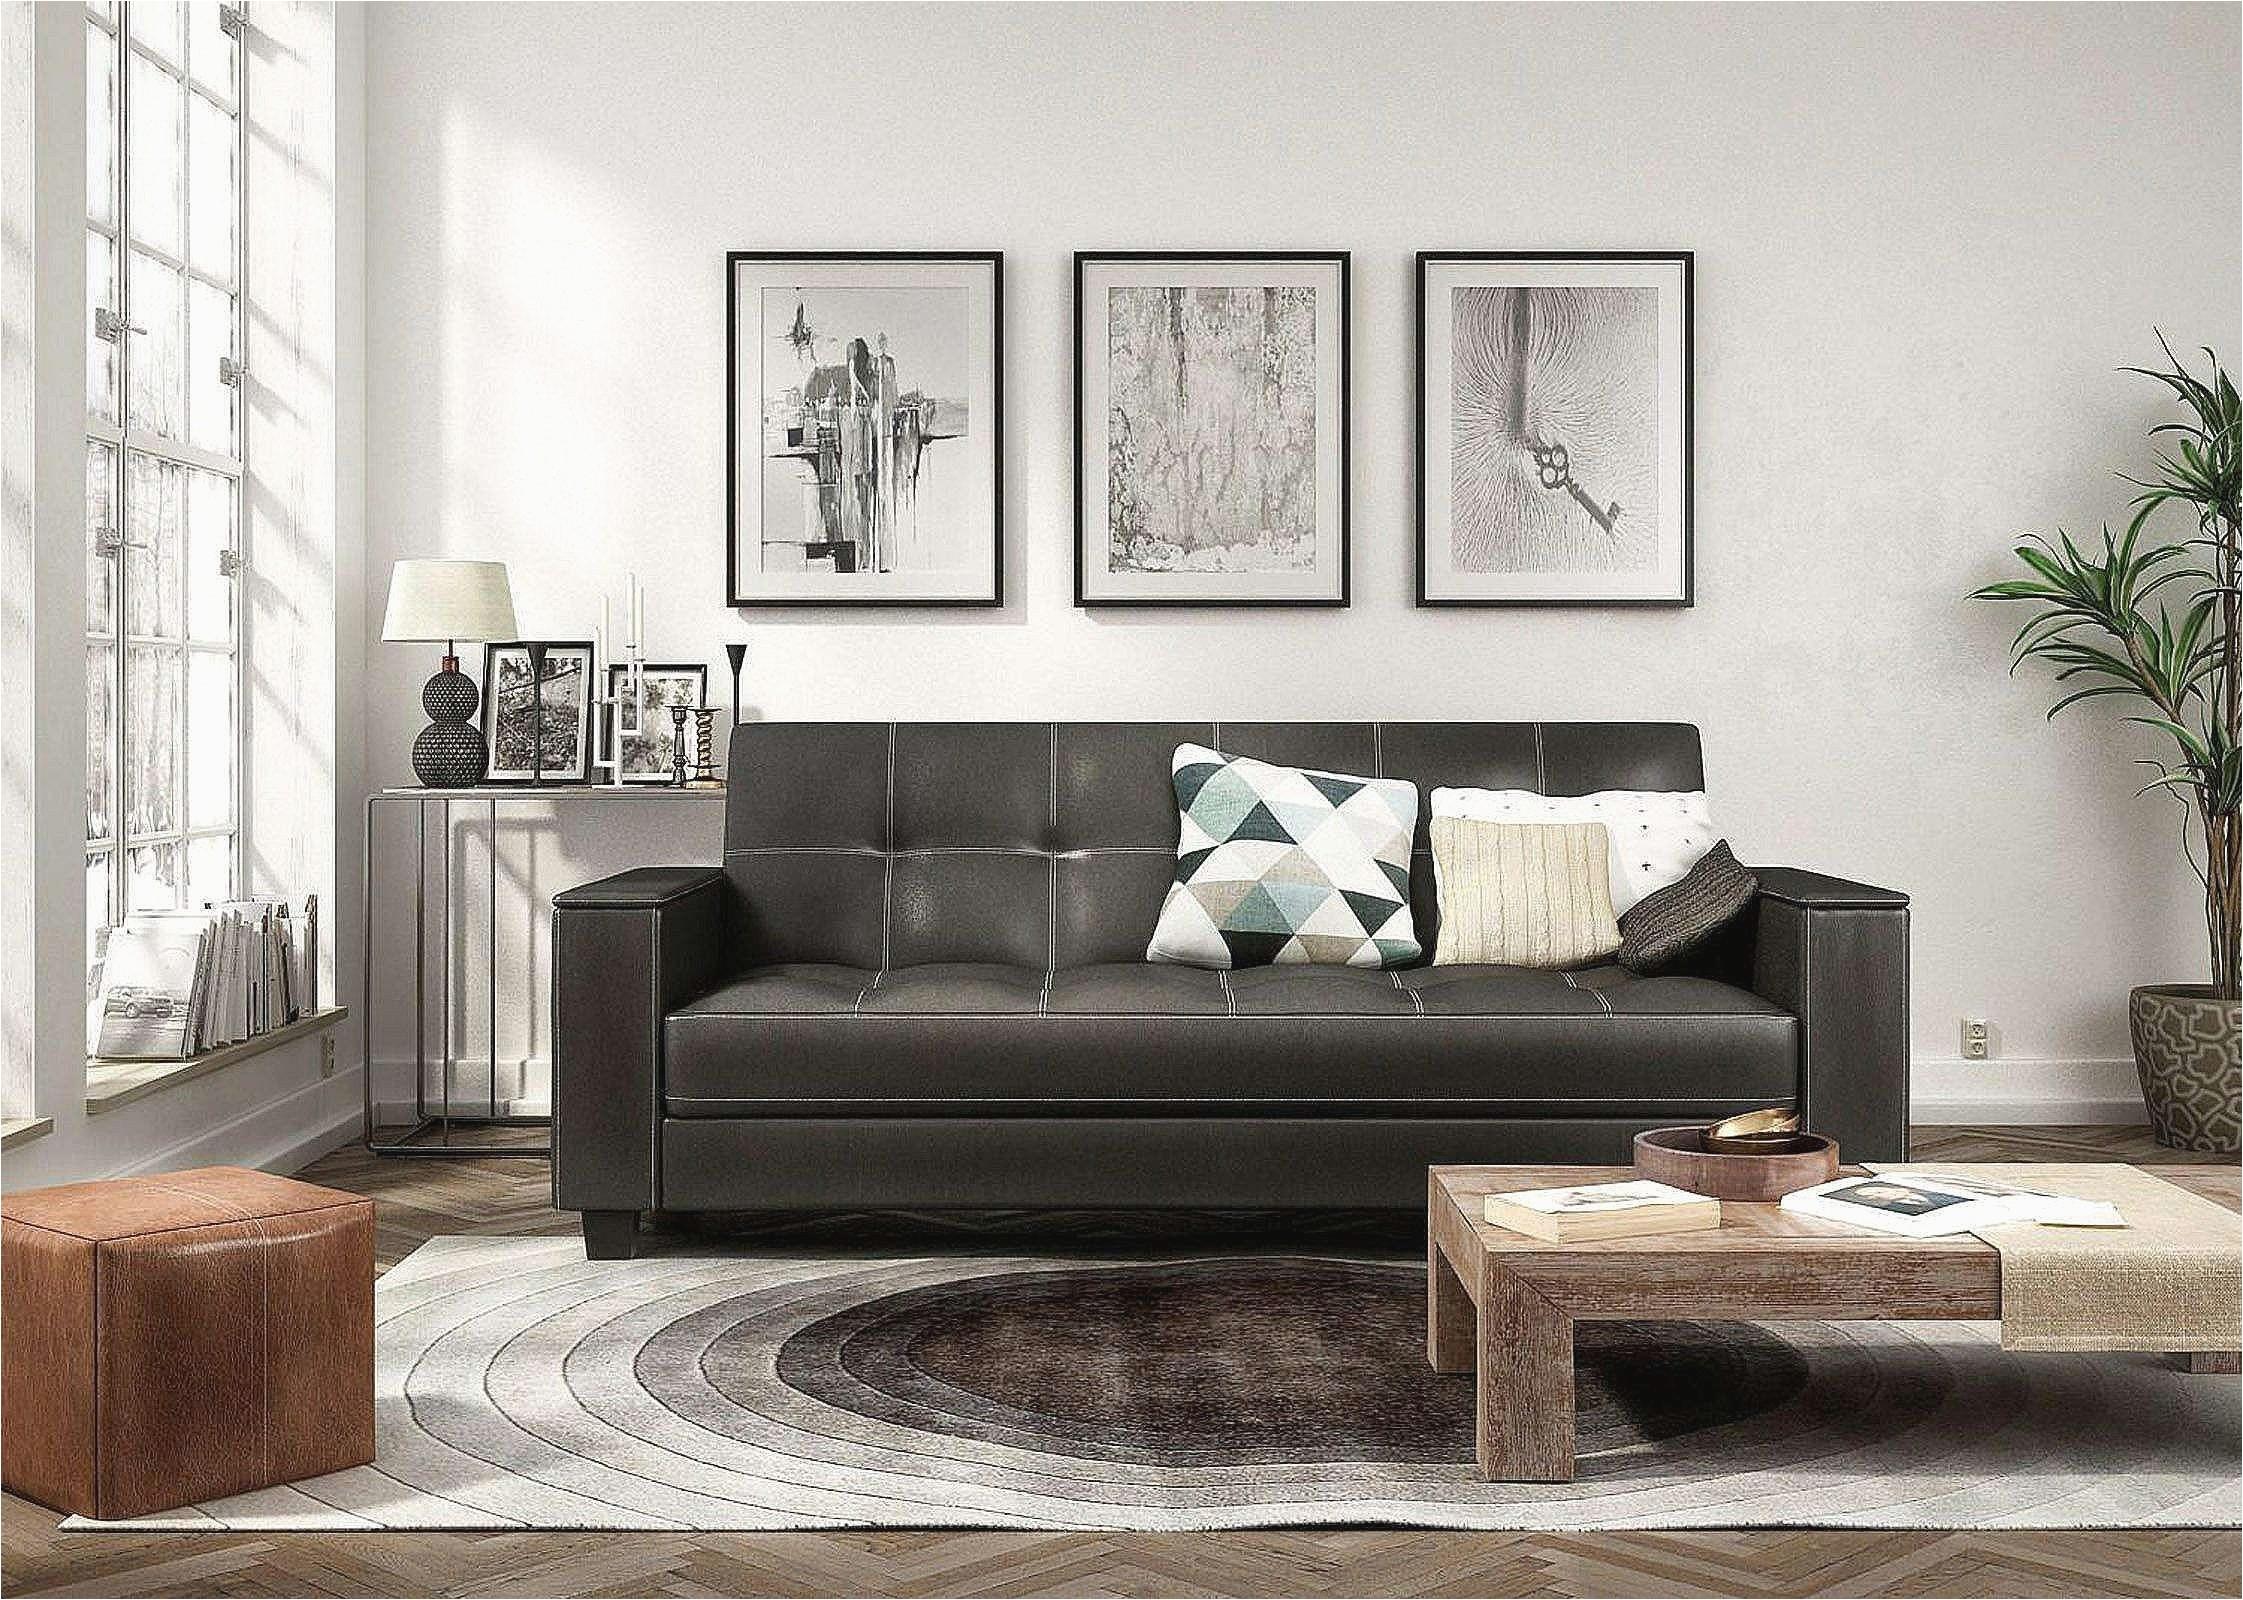 fullsize of the living room furniture living room furniture new gunstige sofa macys furniture 0d living